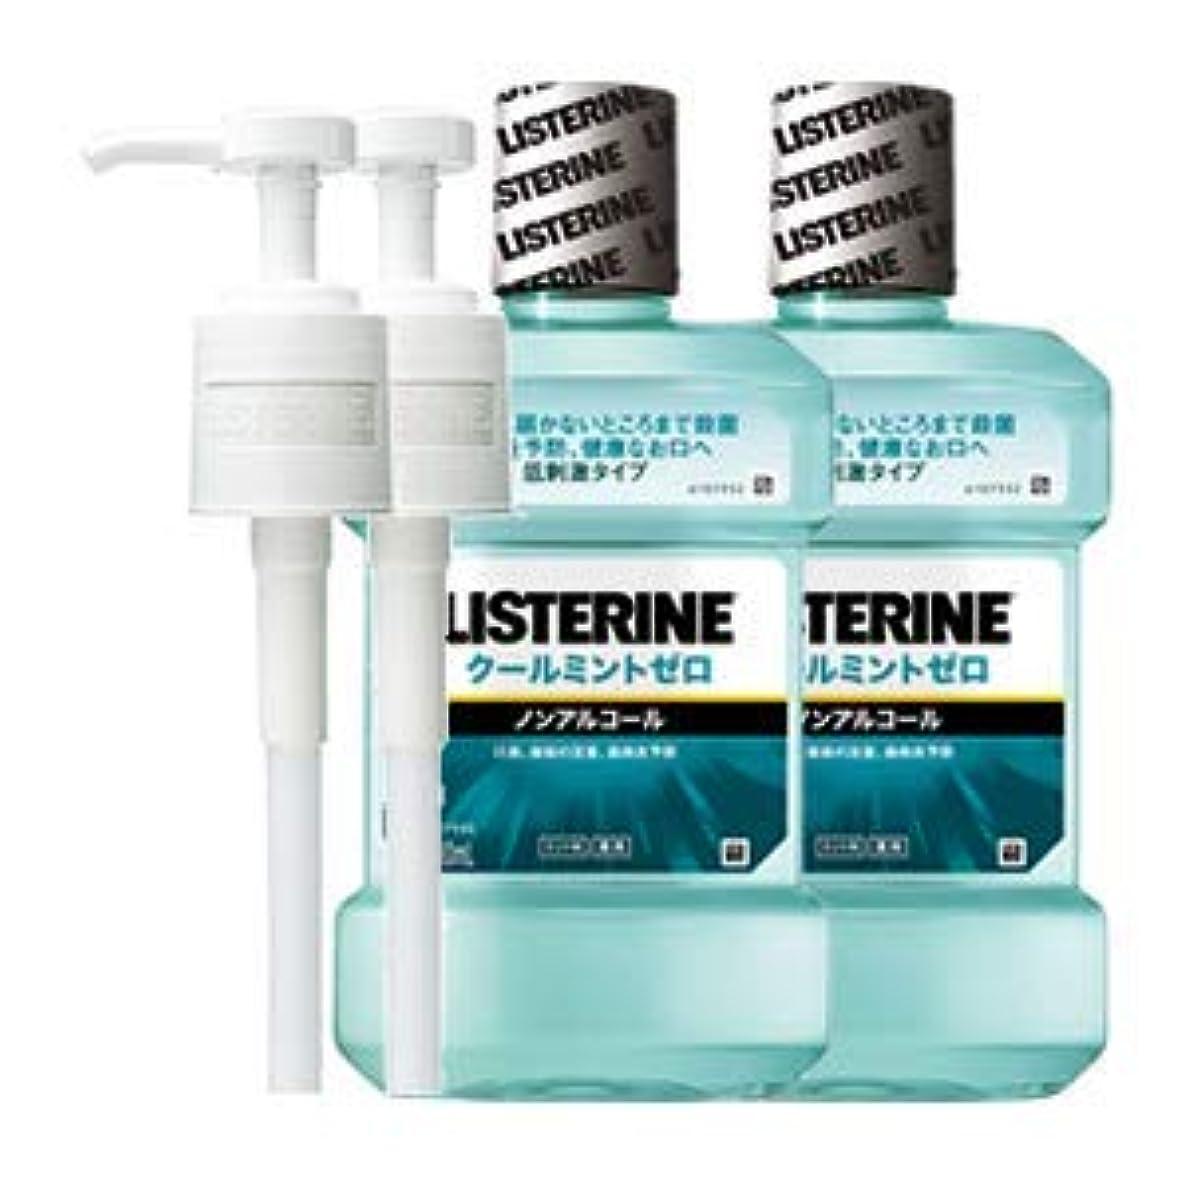 売上高感覚適用する薬用 リステリン クールミント ゼロ (マウスウォッシュ/洗口液) 1000mL 2点セット (ポンプ付)